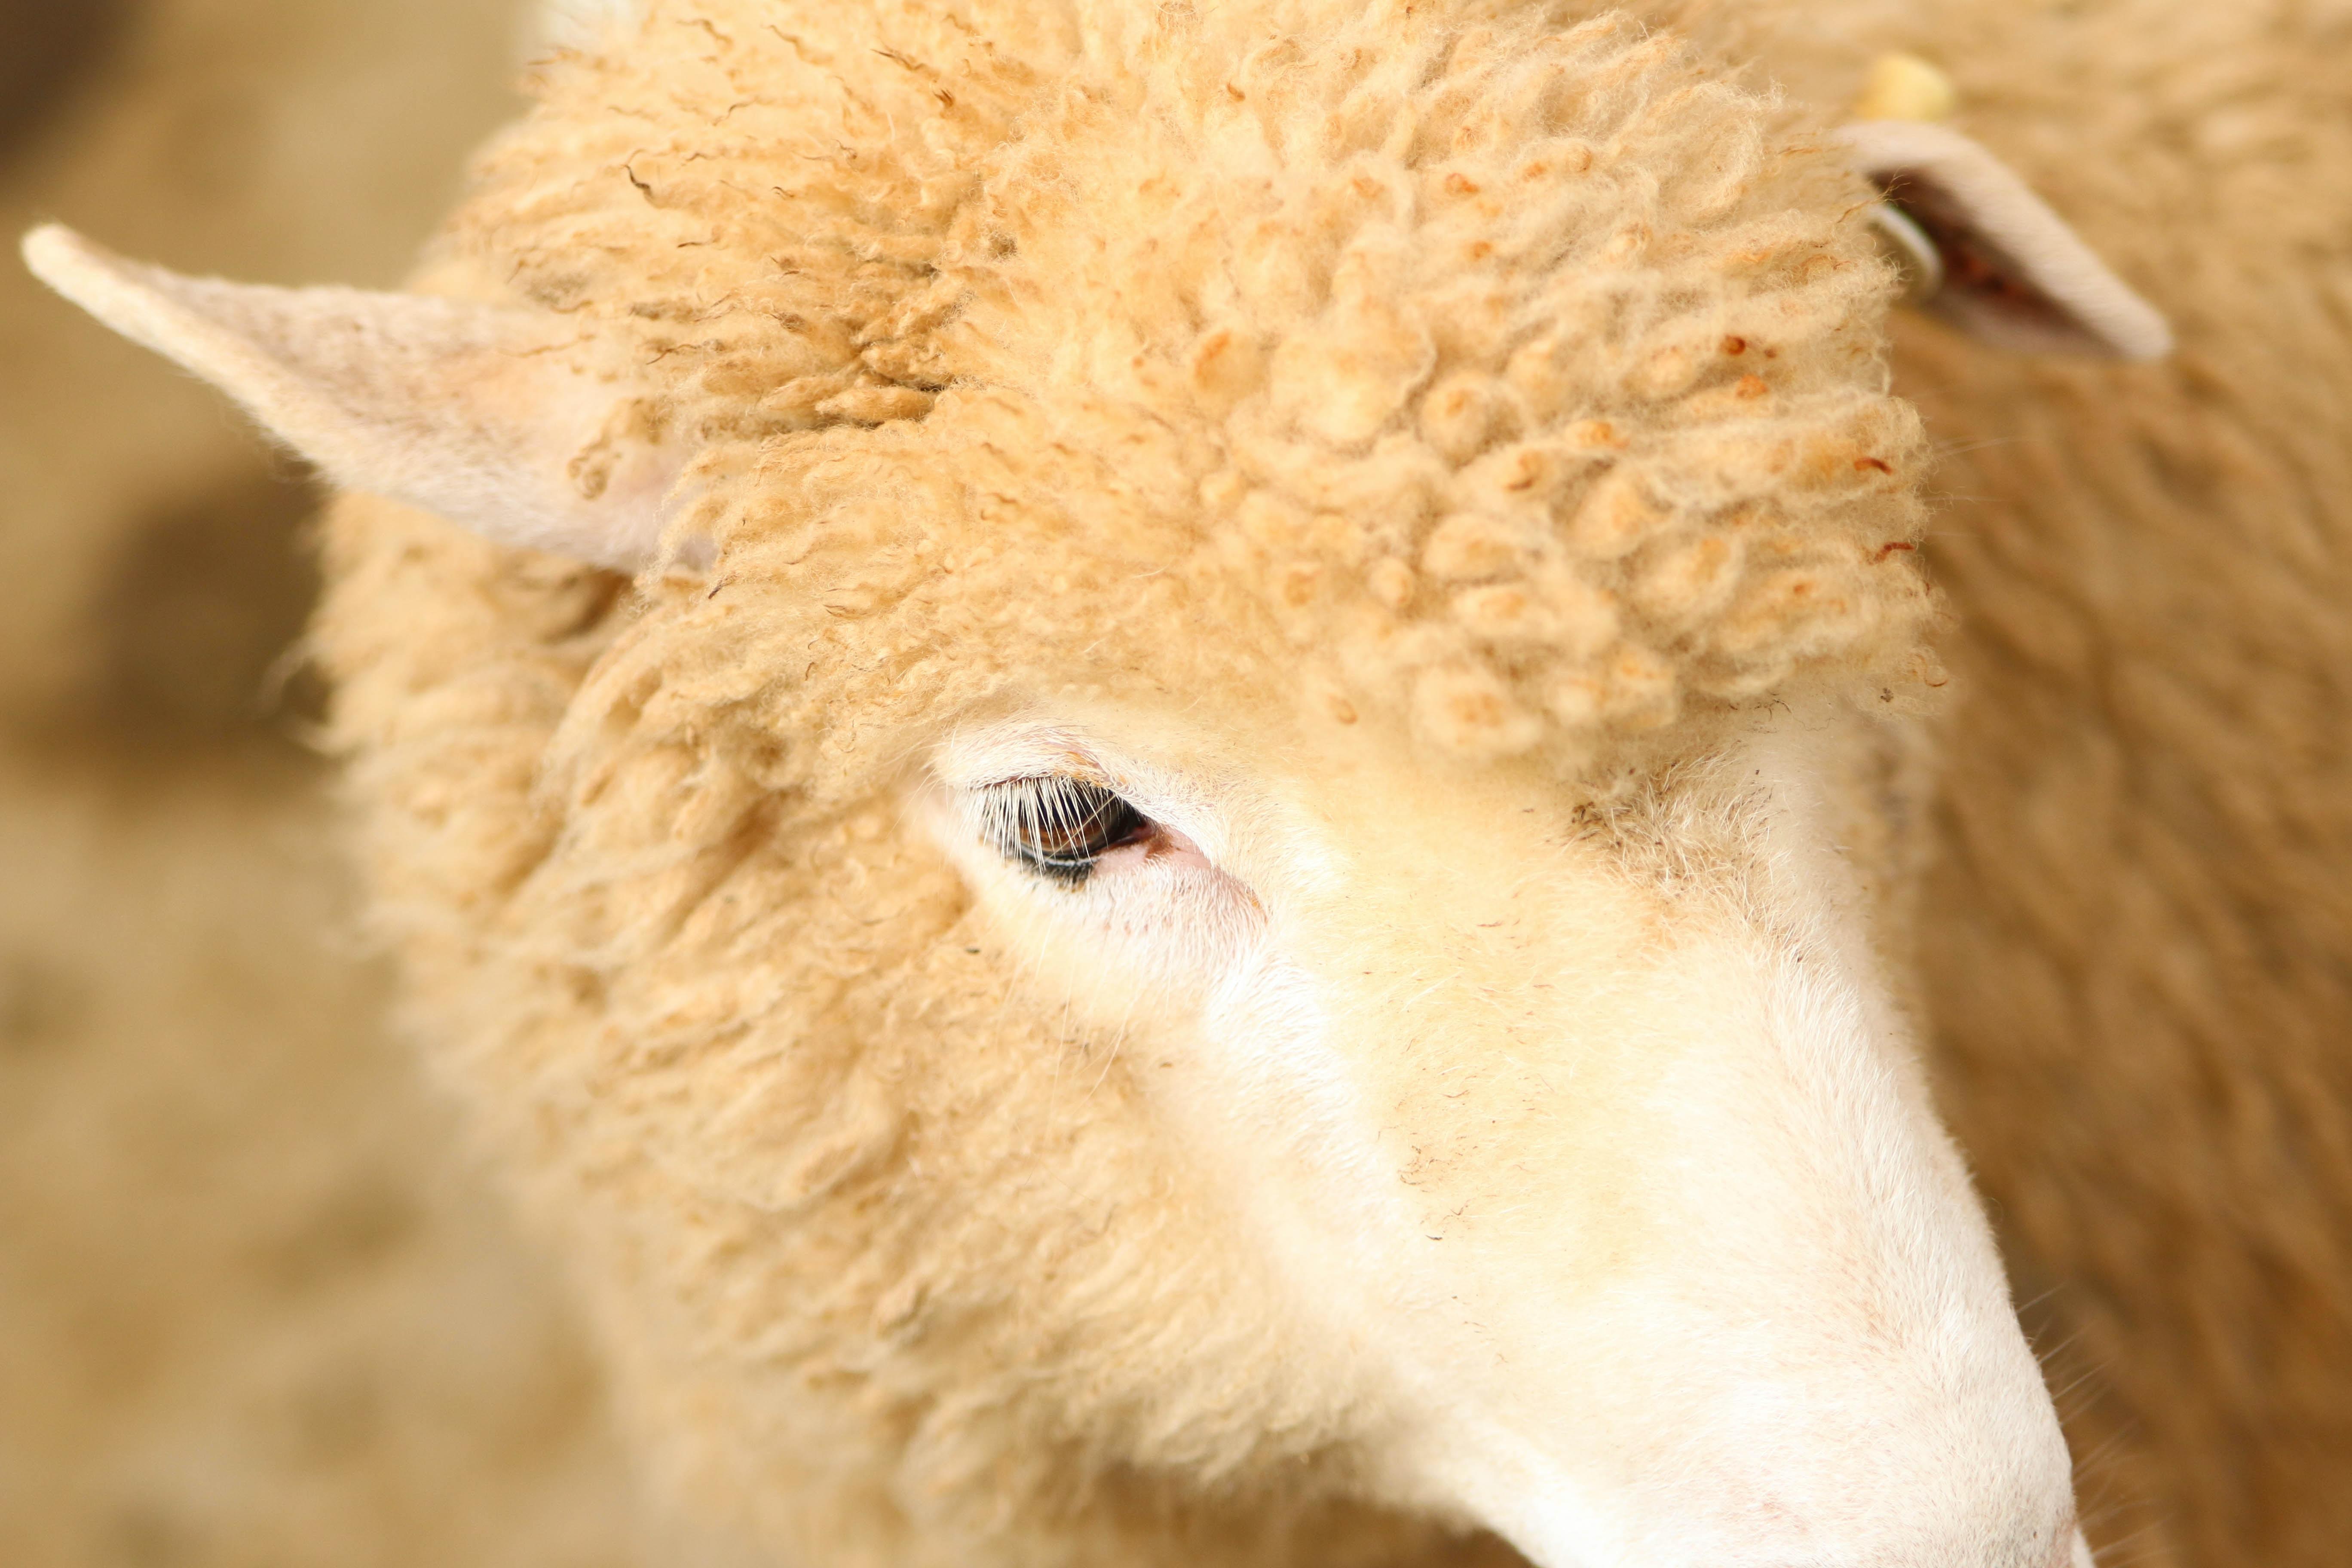 close-up photo of sheep